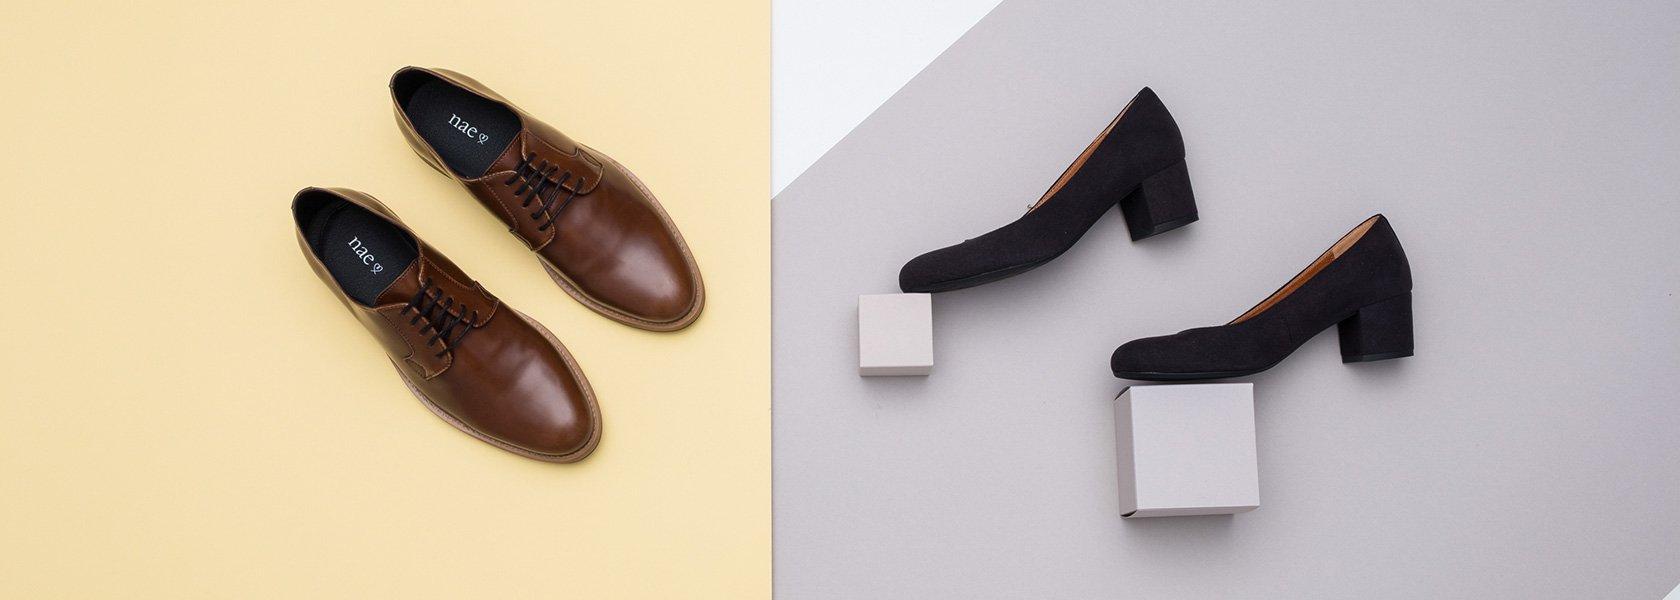 Vegane Schuhe online kaufen